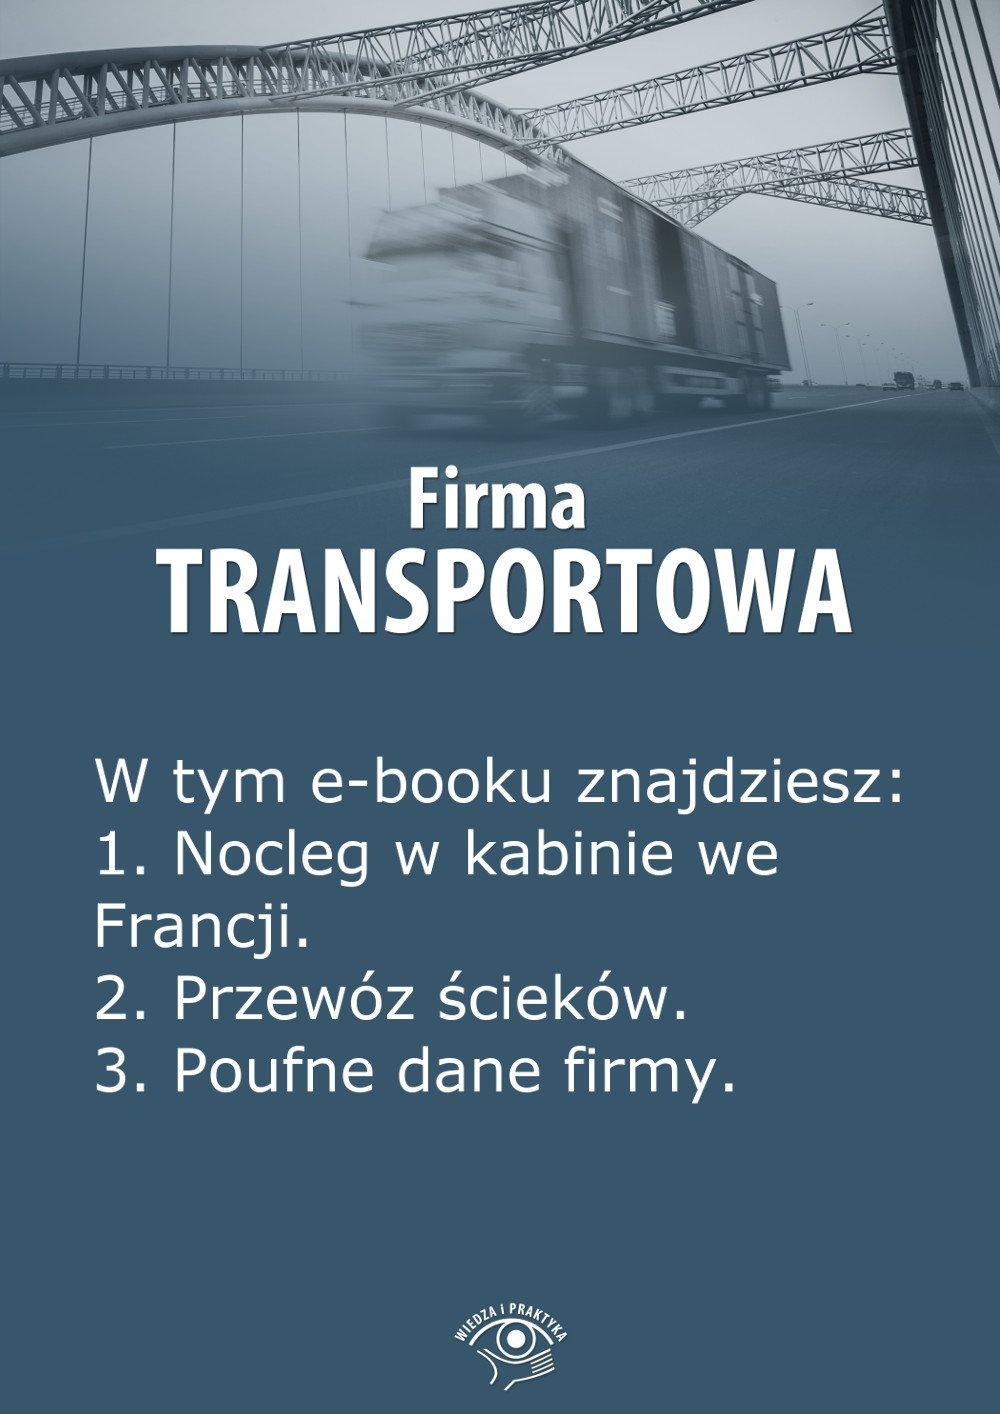 Firma transportowa. Wydanie czerwiec 2014 r. - Ebook (Książka EPUB) do pobrania w formacie EPUB